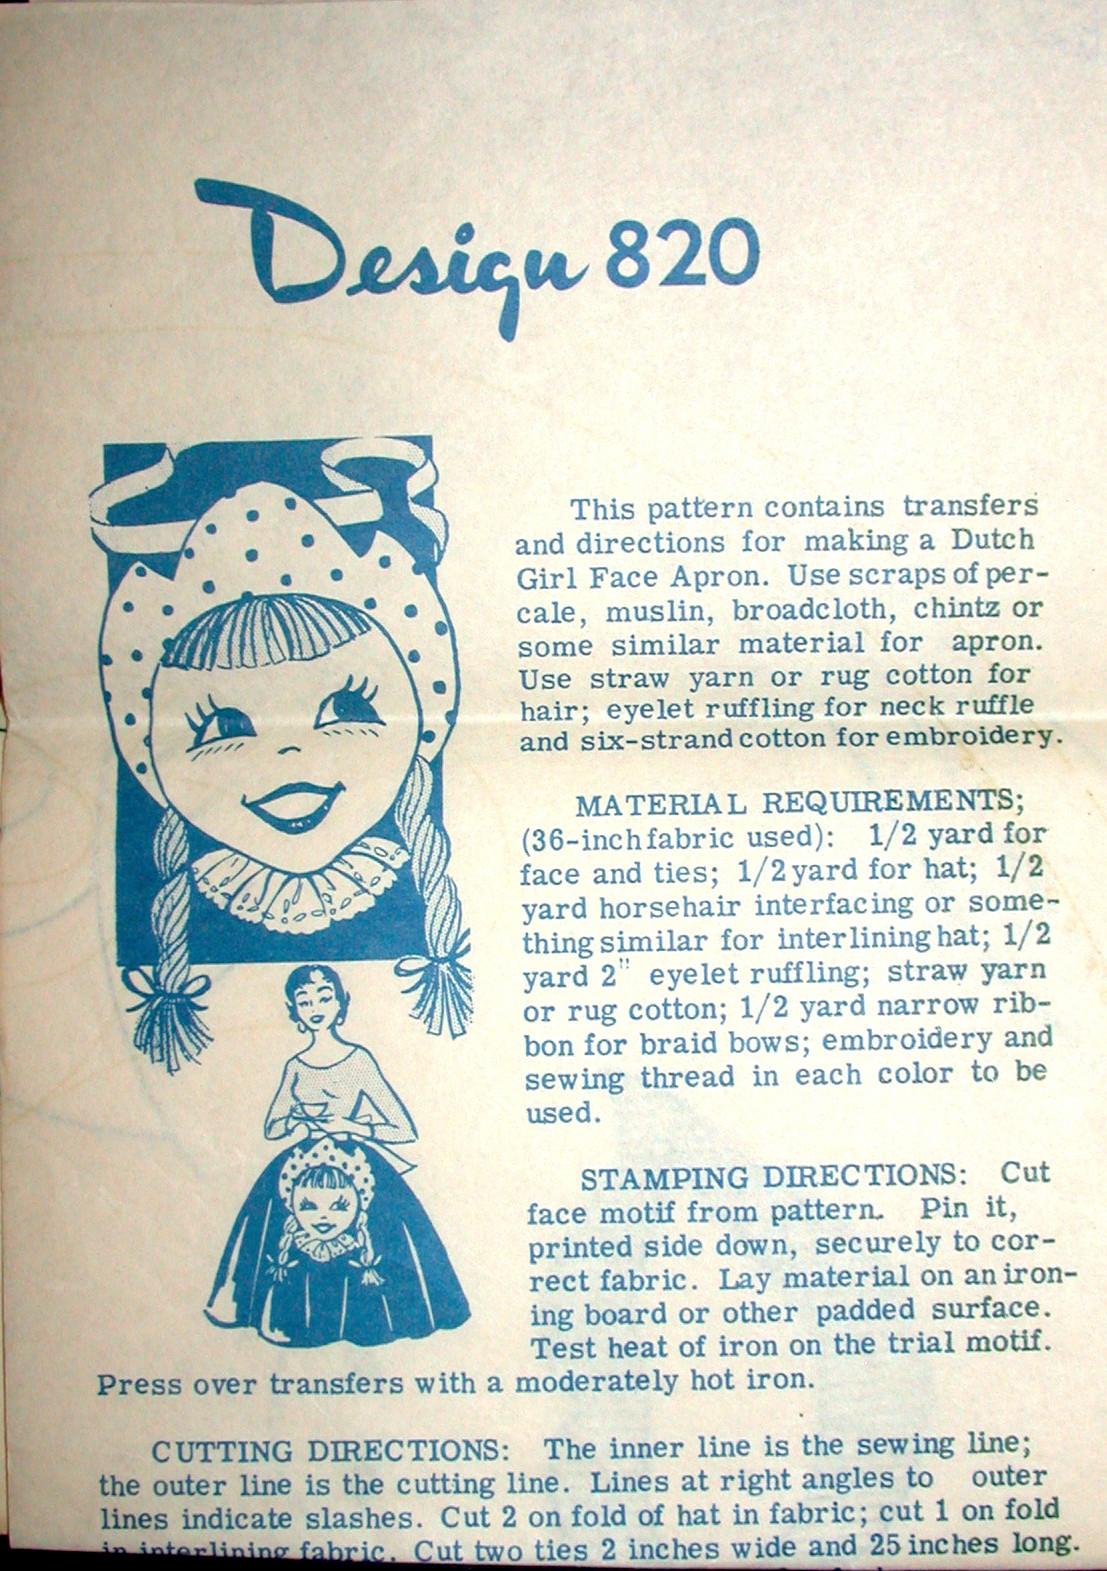 Design820